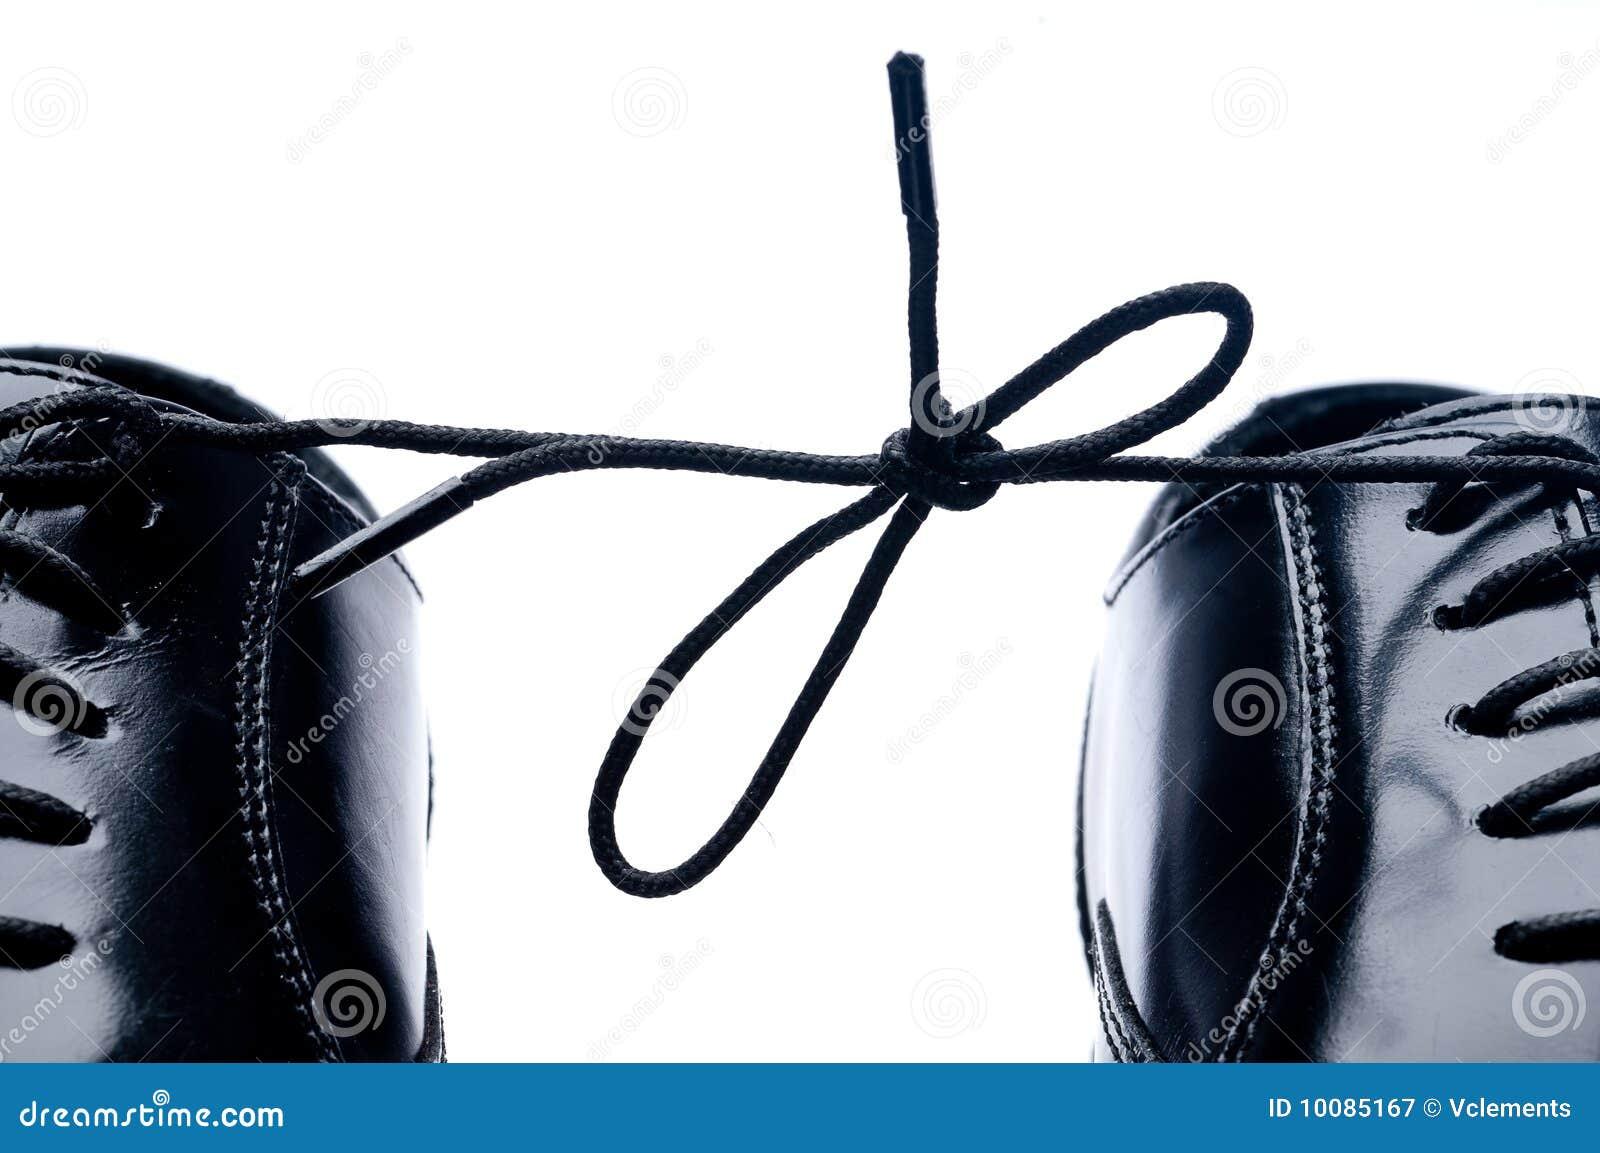 Black Business Shoe Laces